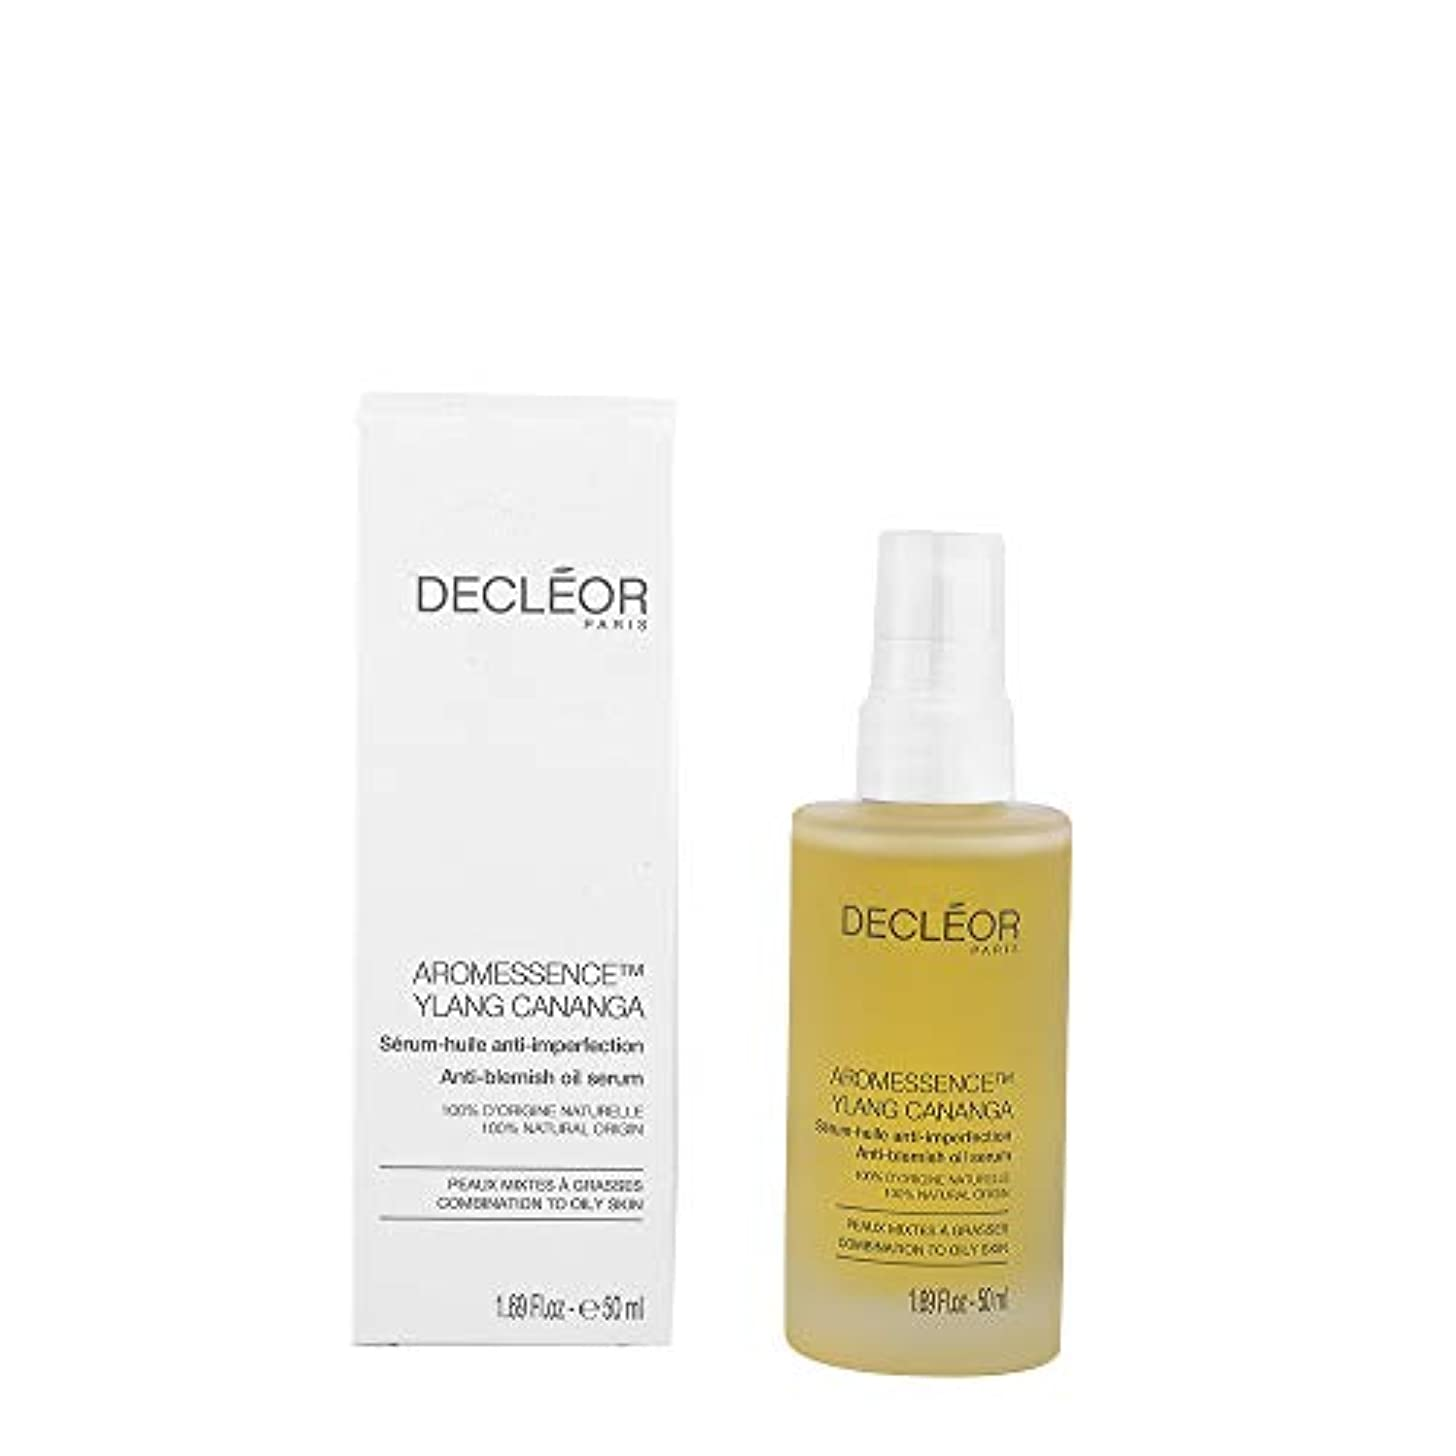 魚メッセージ初心者デクレオール Aromessence Ylang Cananga Anti-Blemish Oil Serum - For Combination to Oily Skin (Salon Size) 50ml/1.69oz...